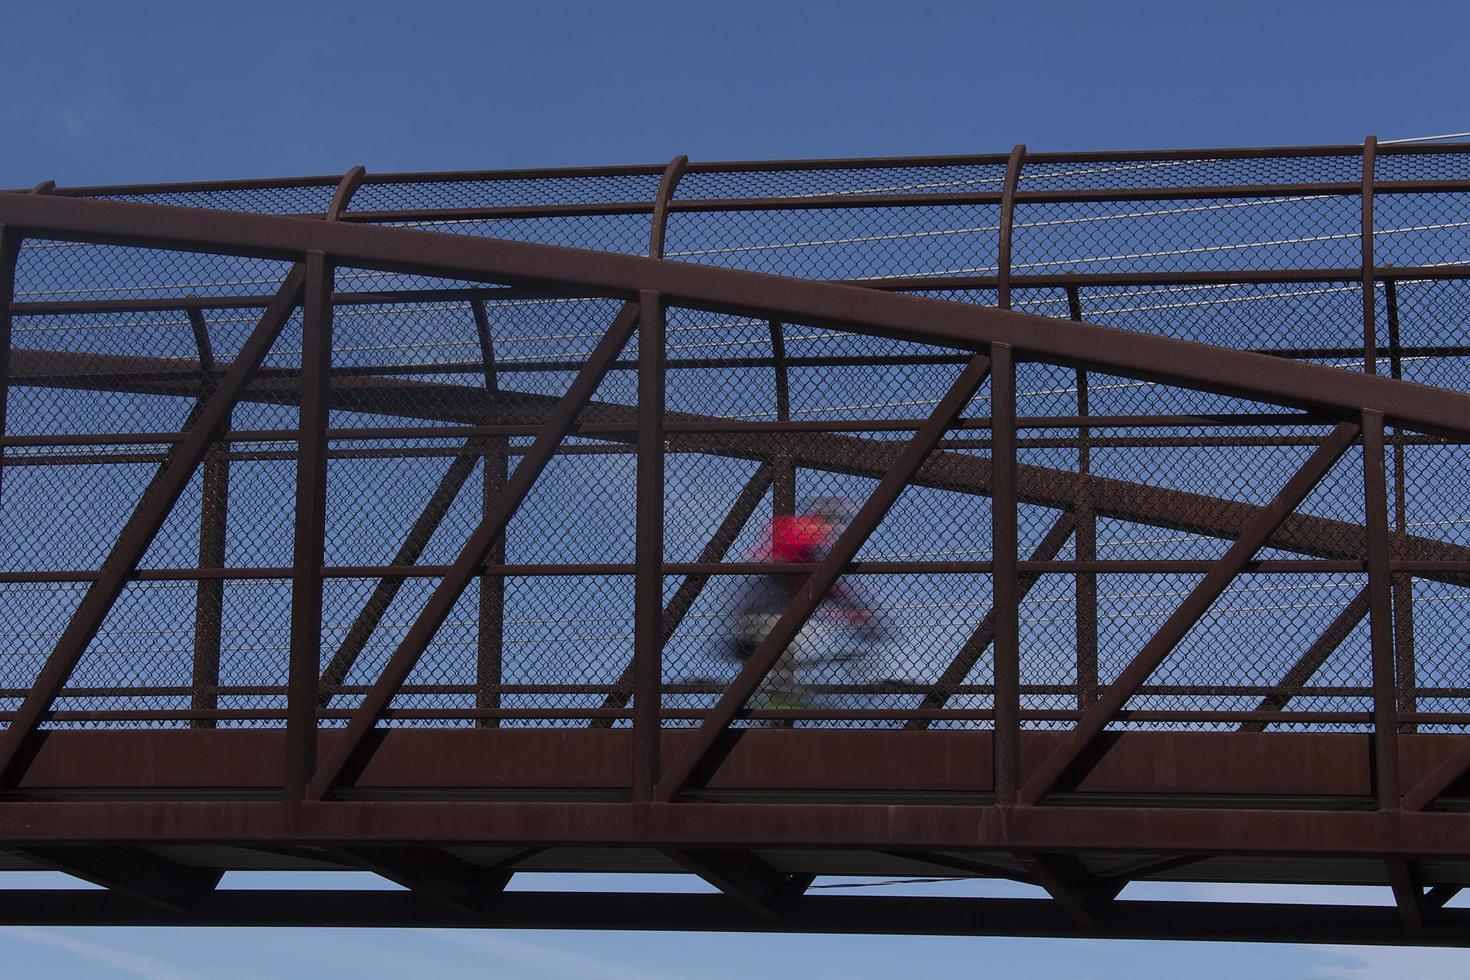 ciclista en movimiento cruzando el puente foto